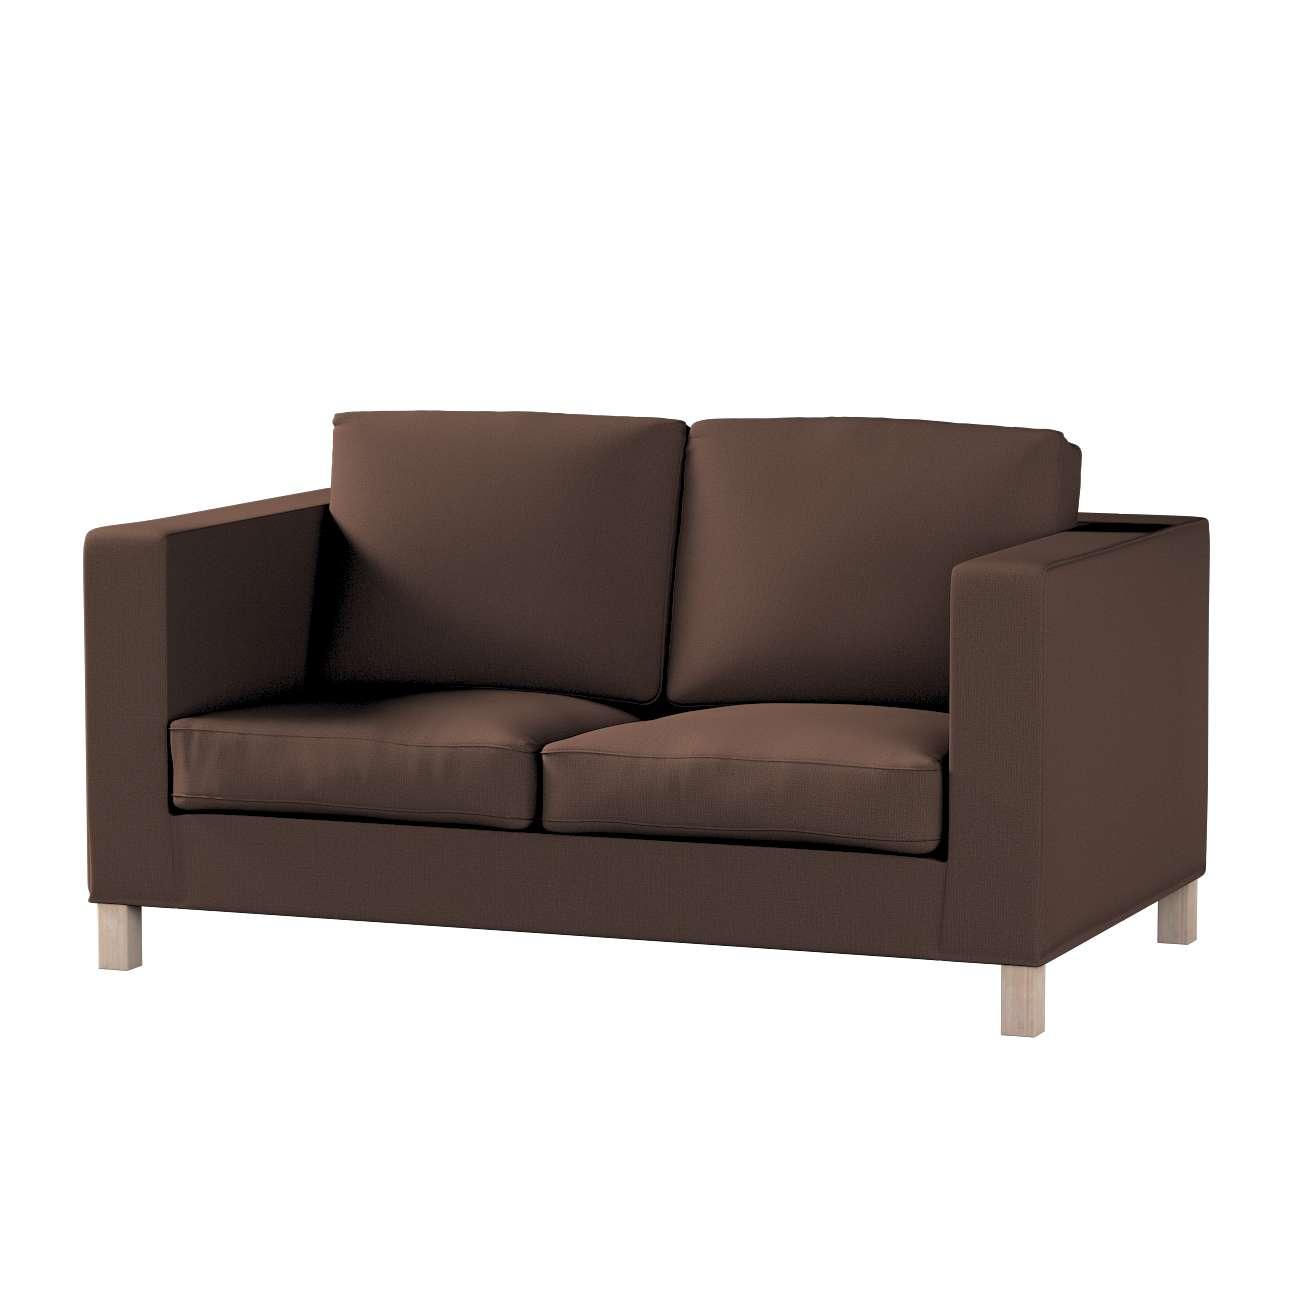 Pokrowiec na sofę Karlanda 2-osobową nierozkładaną, krótki w kolekcji Bergen, tkanina: 161-73